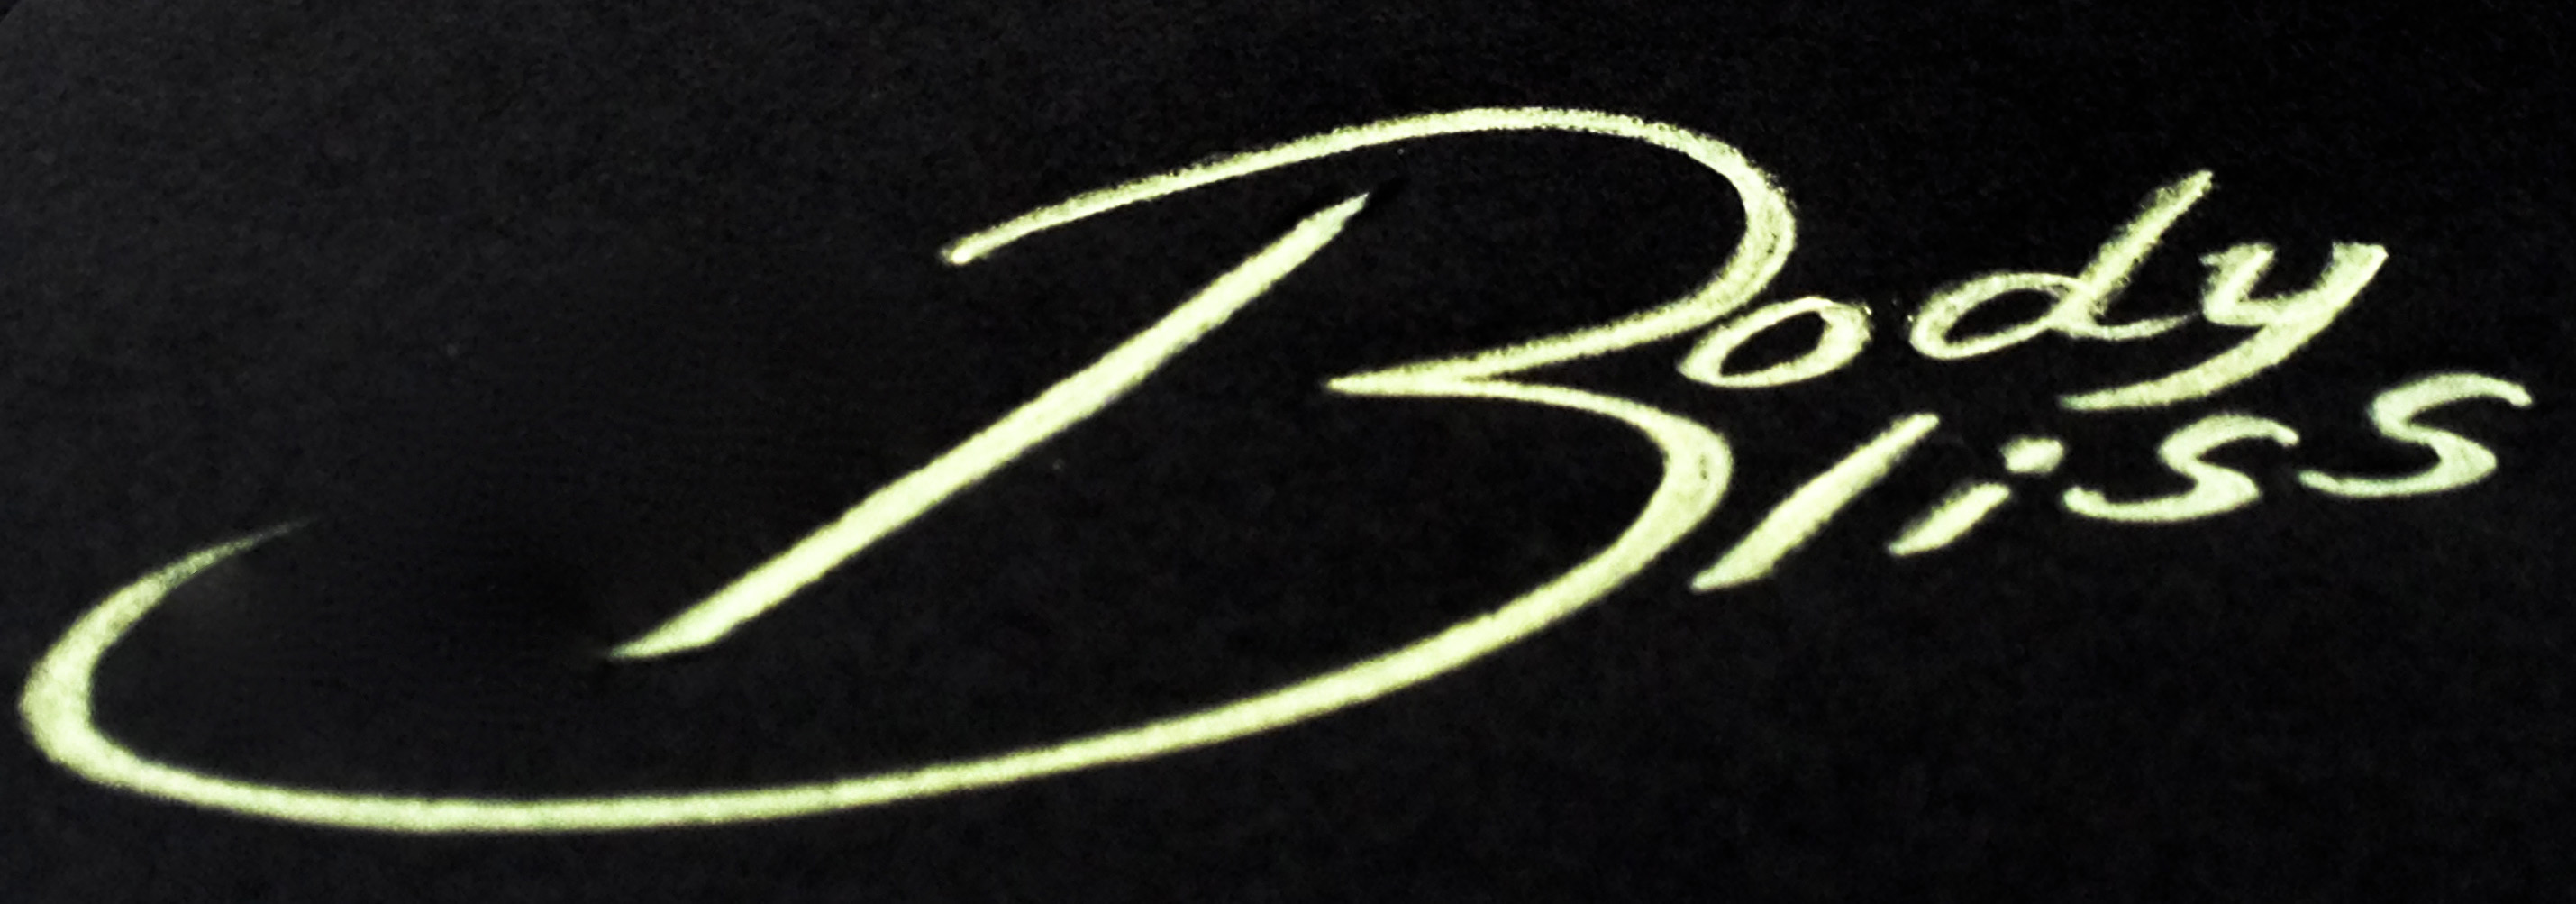 body_bliss_black